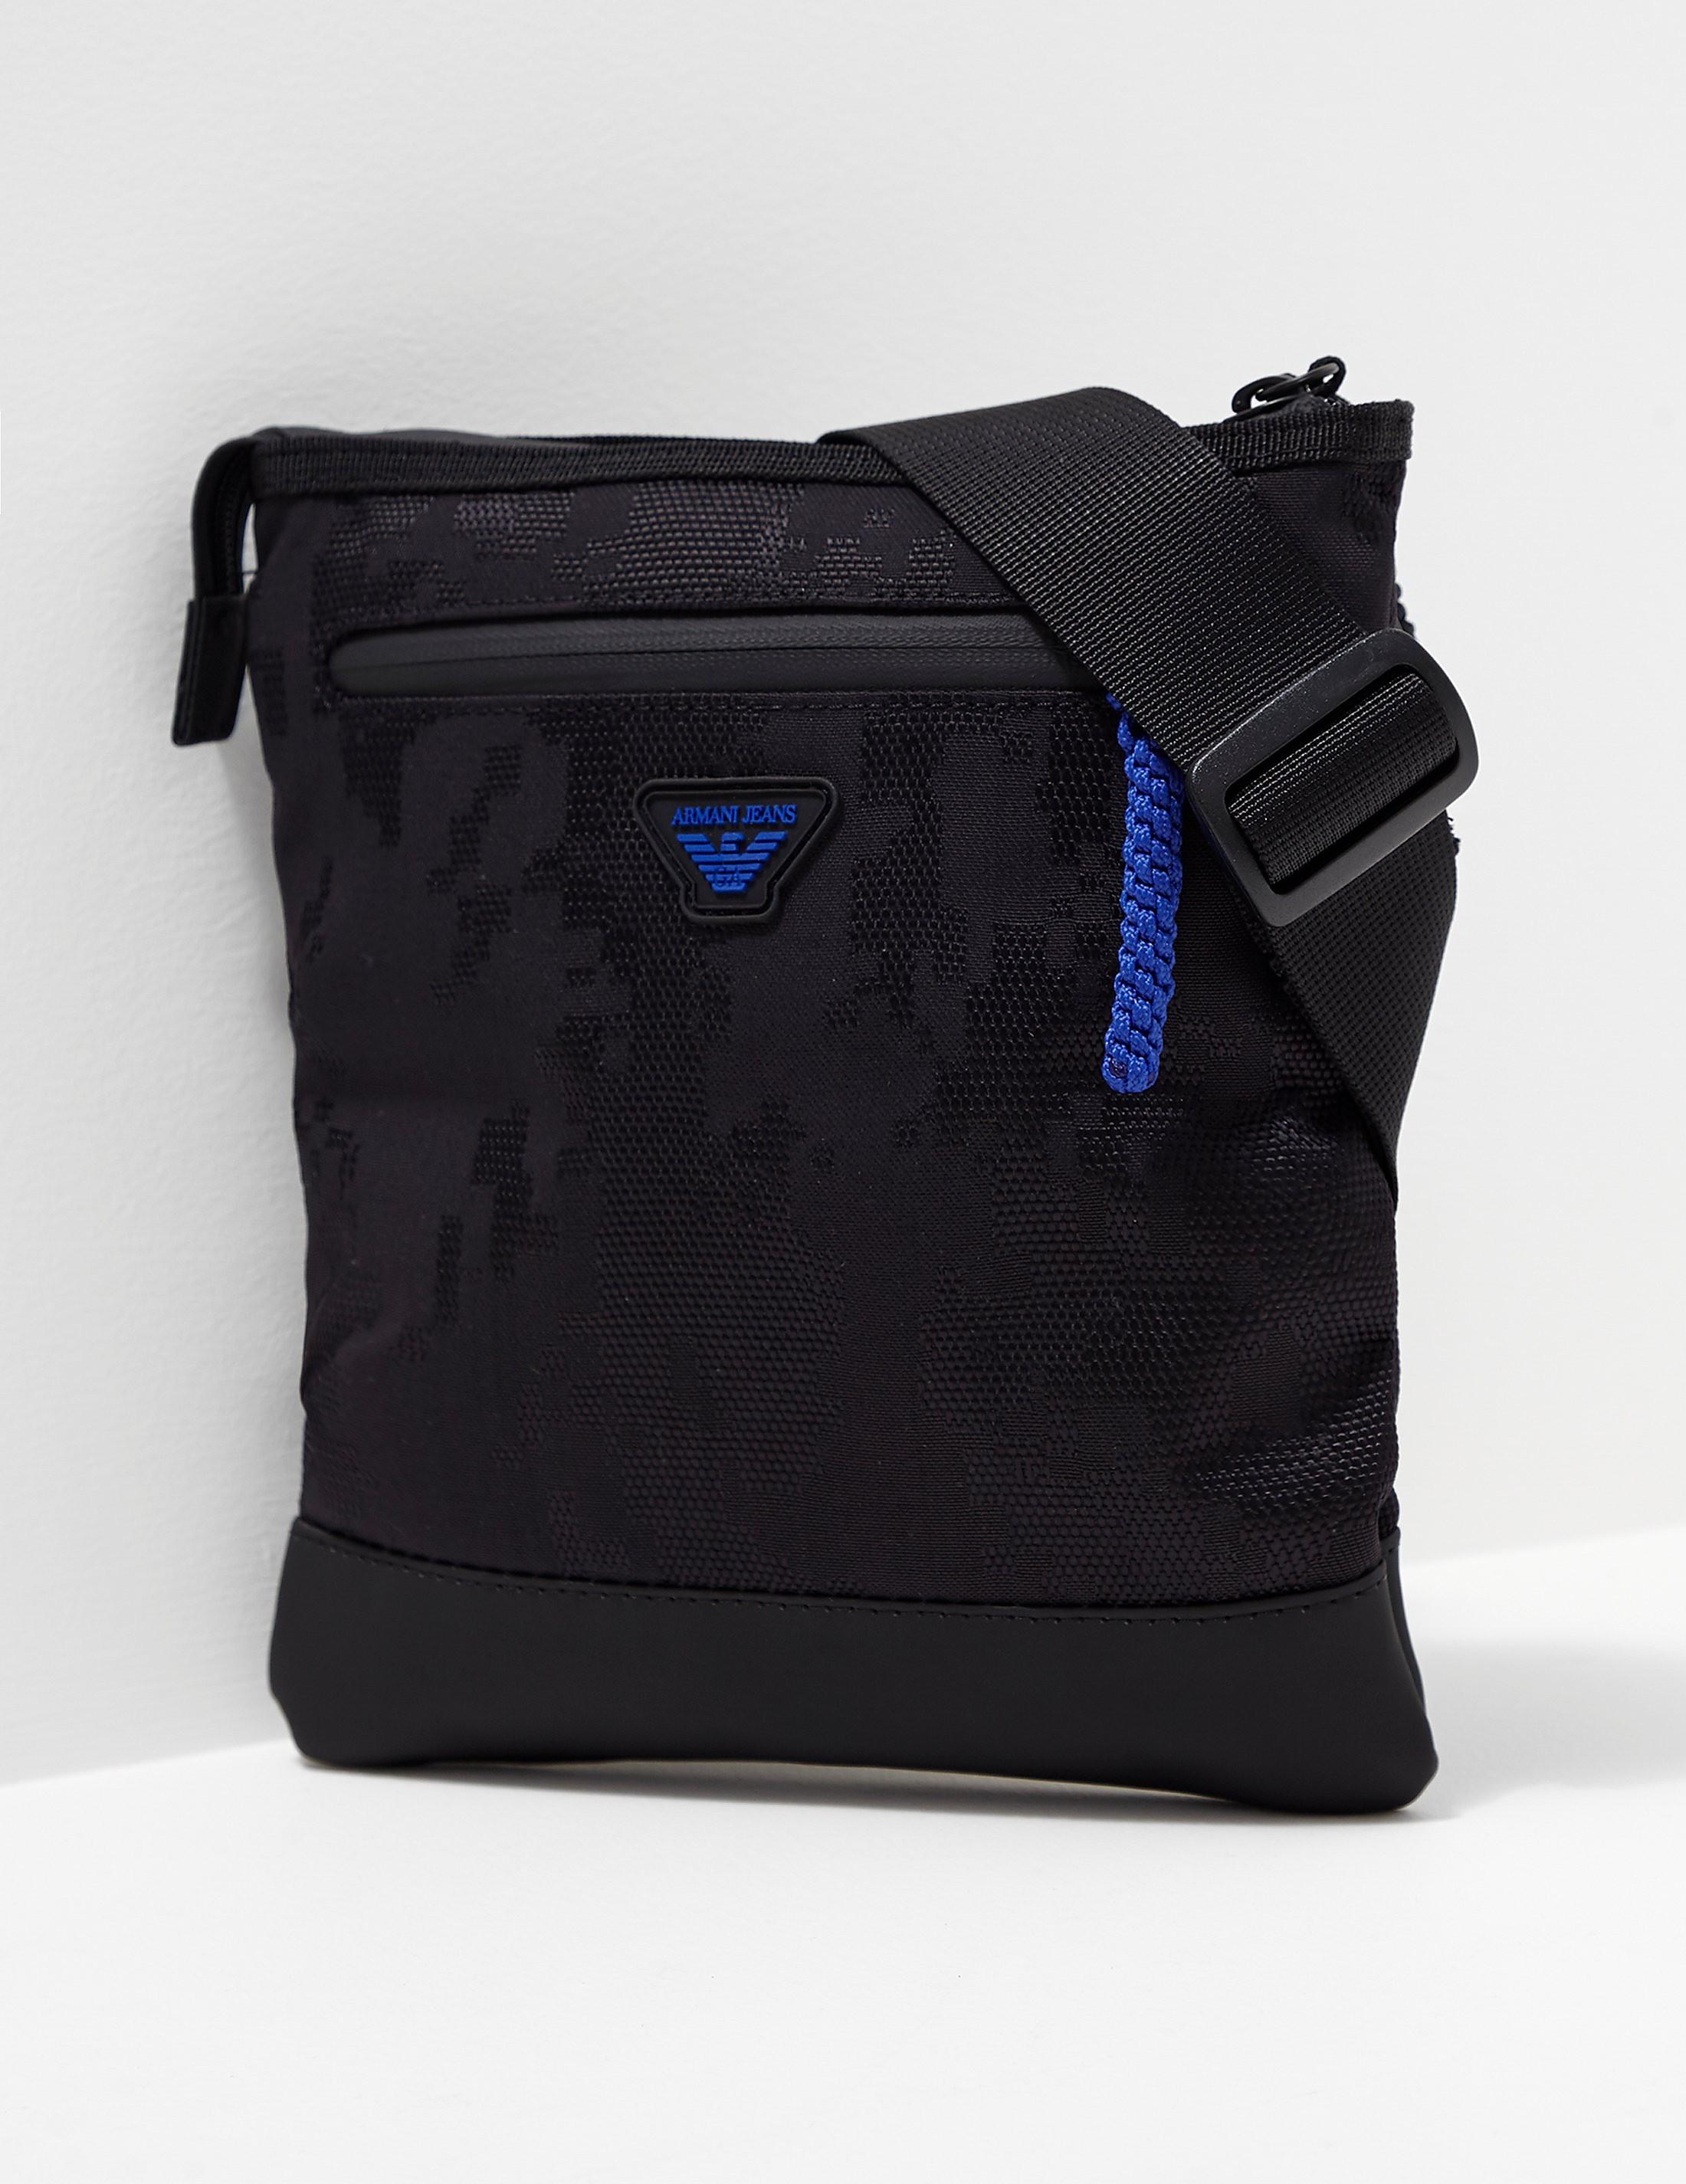 Armani Jeans Small Eagle Bag